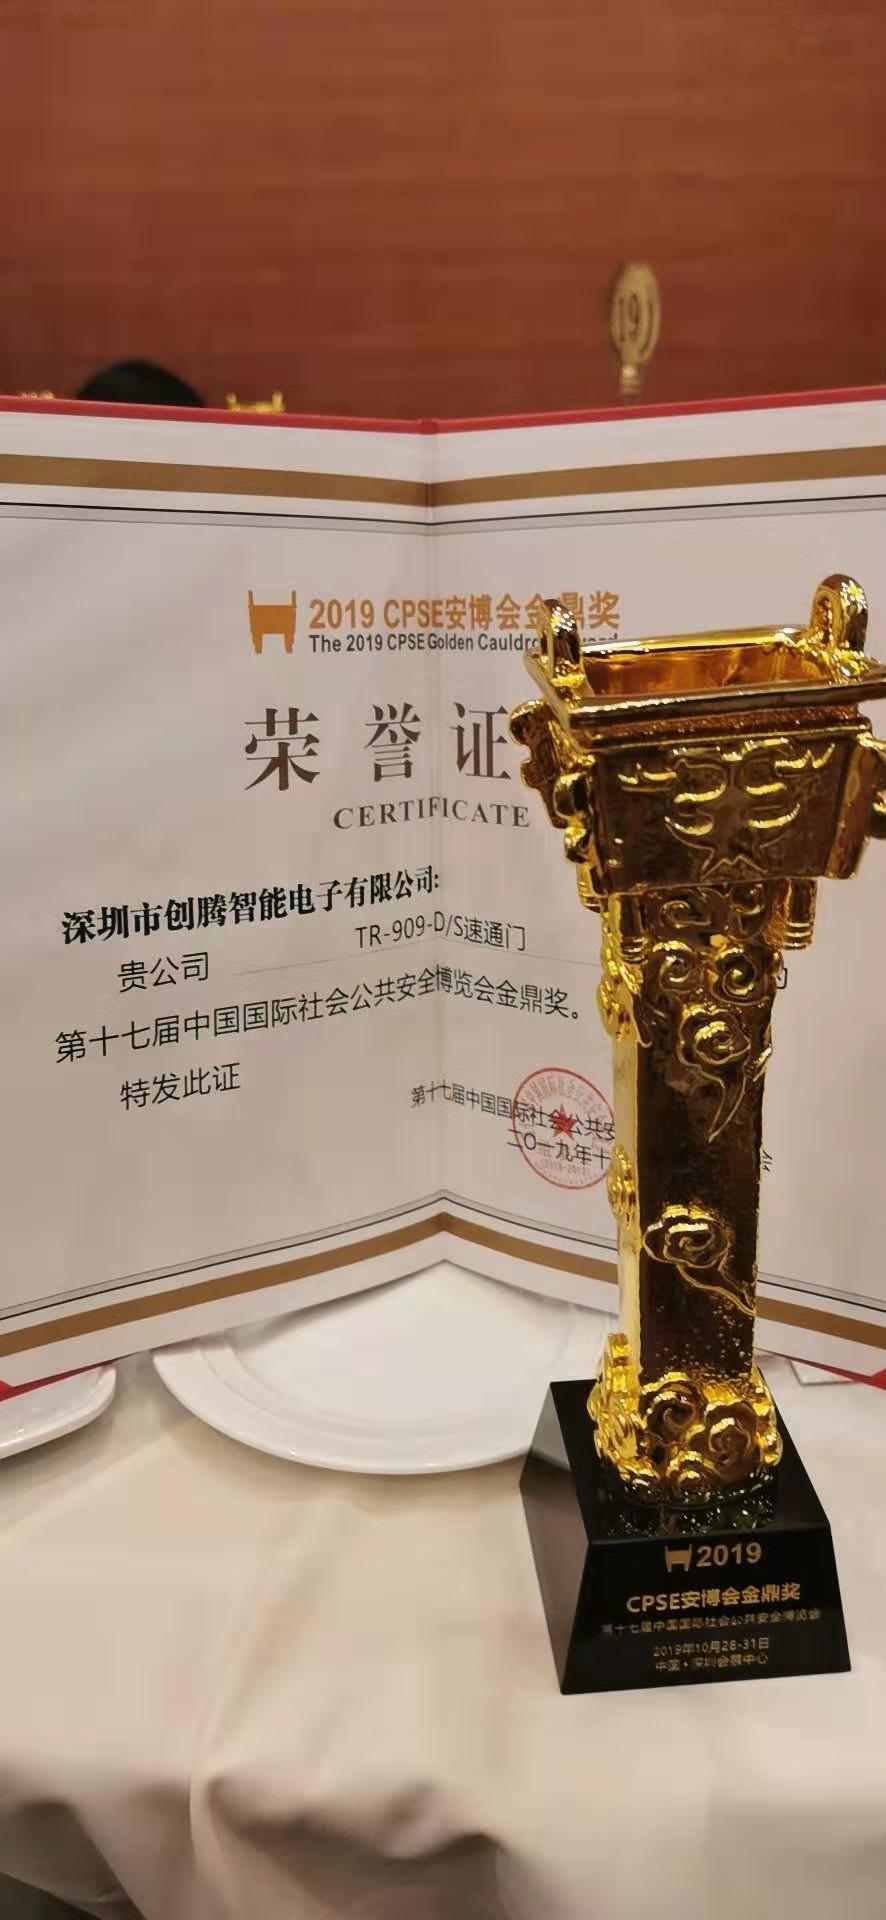 创腾智能荣获第17届中国国际社会公共安全博览会金鼎奖